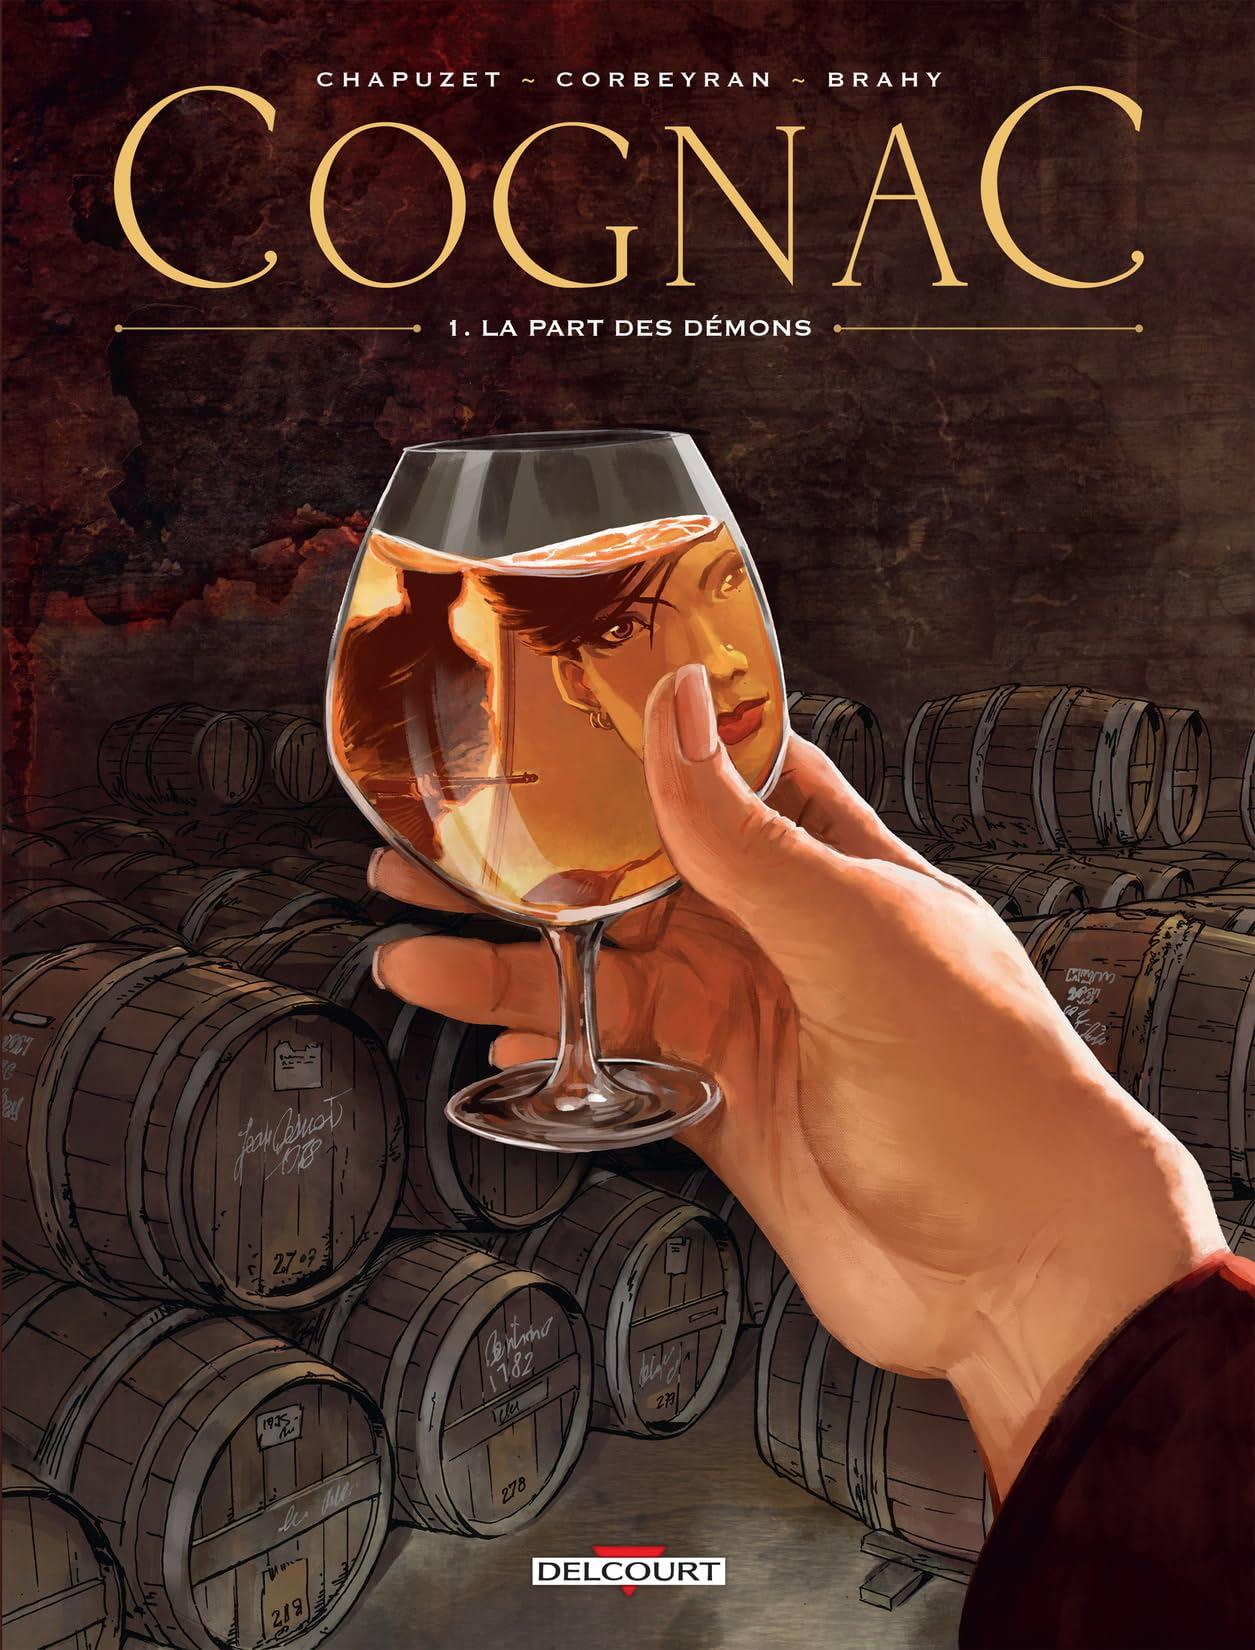 Cognac Vol. 1: La Part des démons